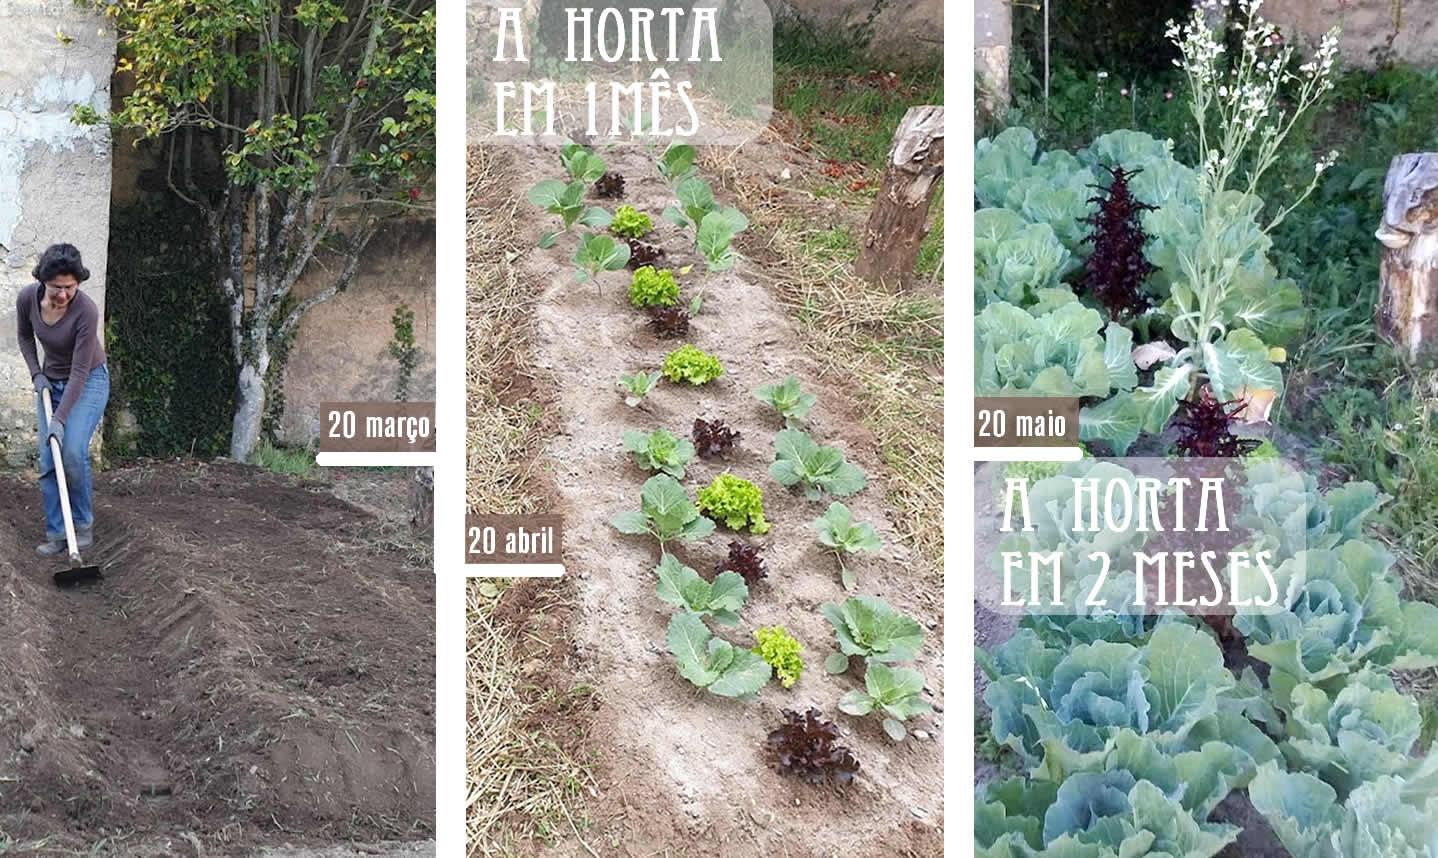 A Horta mês a mês | Reforma Agrária